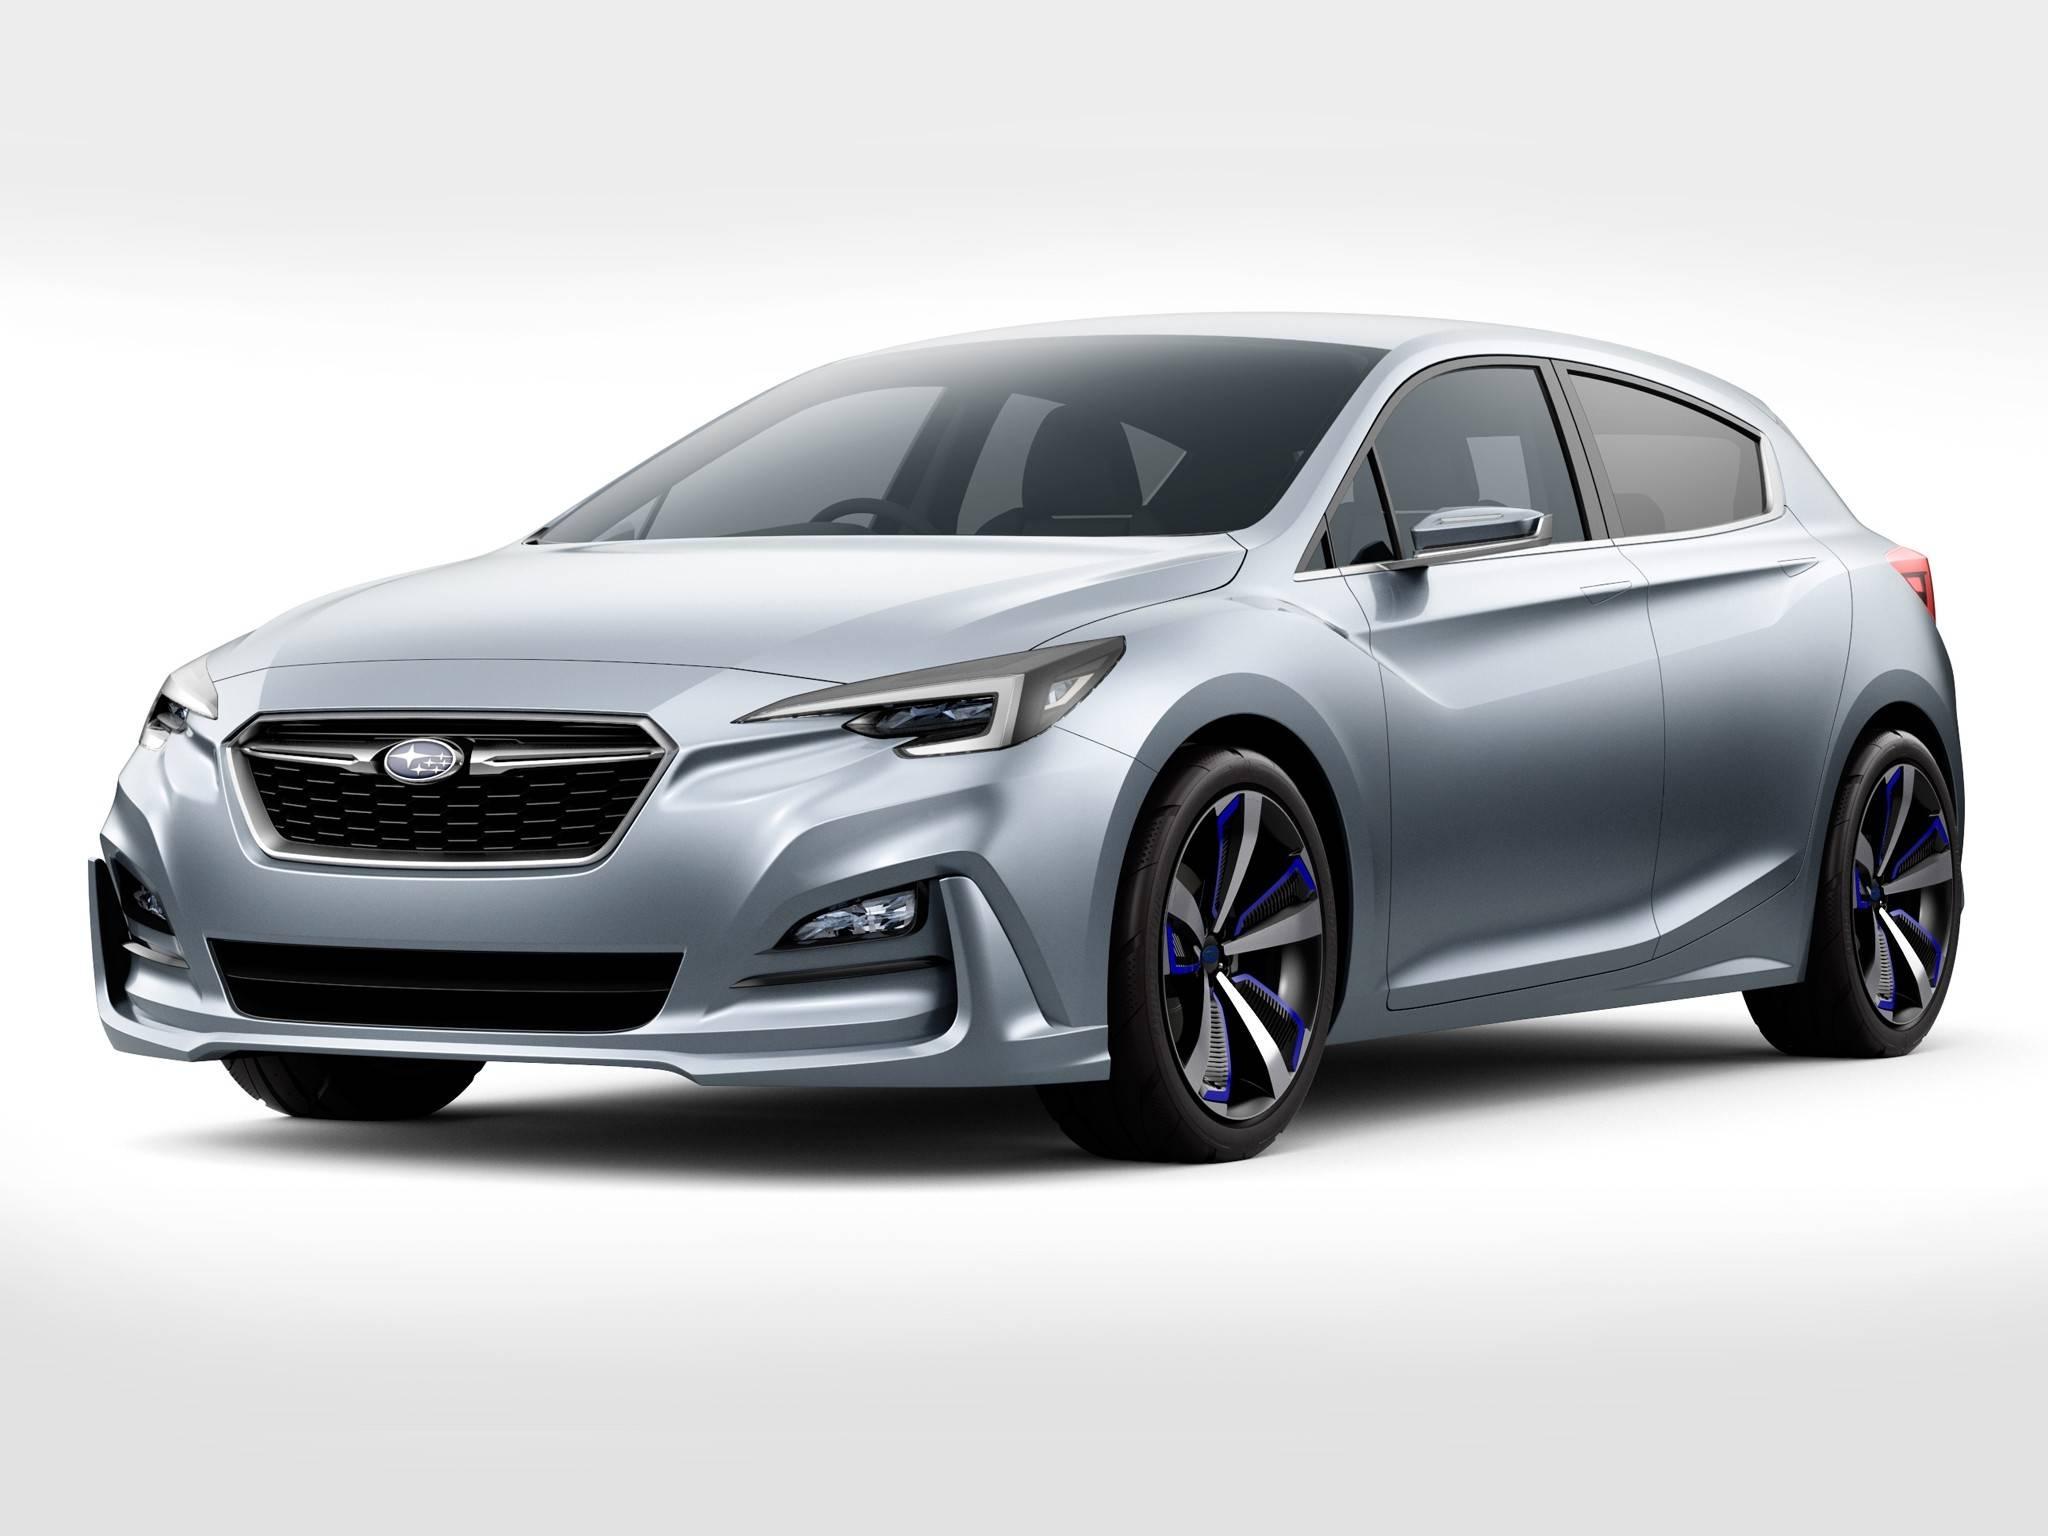 Subaru привезет в Россию три новинки в 2020 году